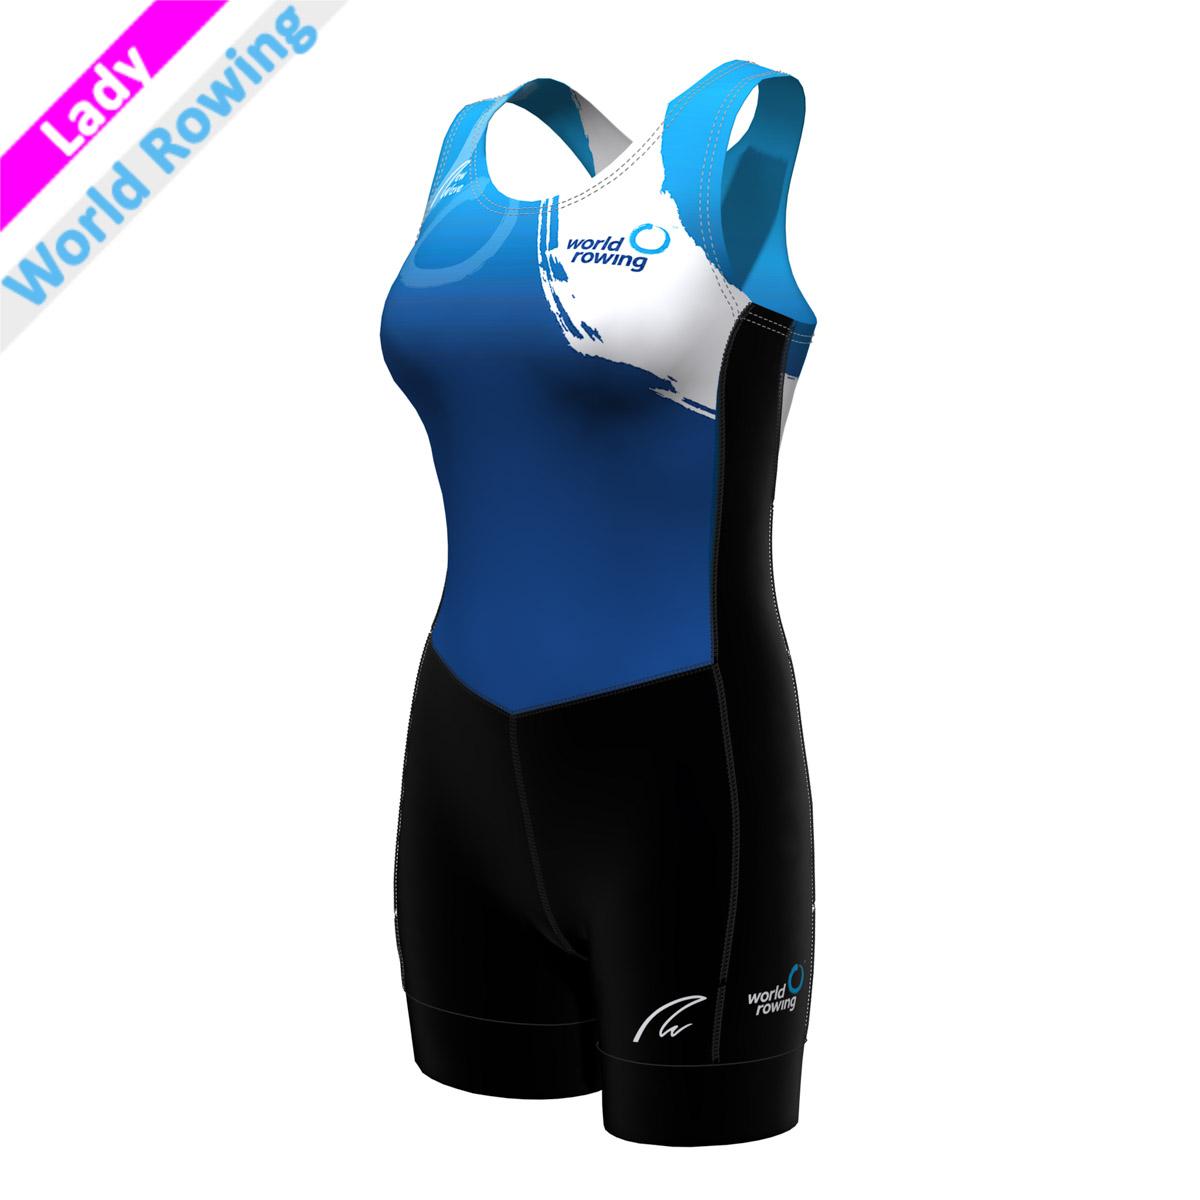 Pro Suit - Lady World Rowing (Hose - schwarz/Seitenstreifen - schwarz mit wr Druck/Brust,Rücken - sublimiert)